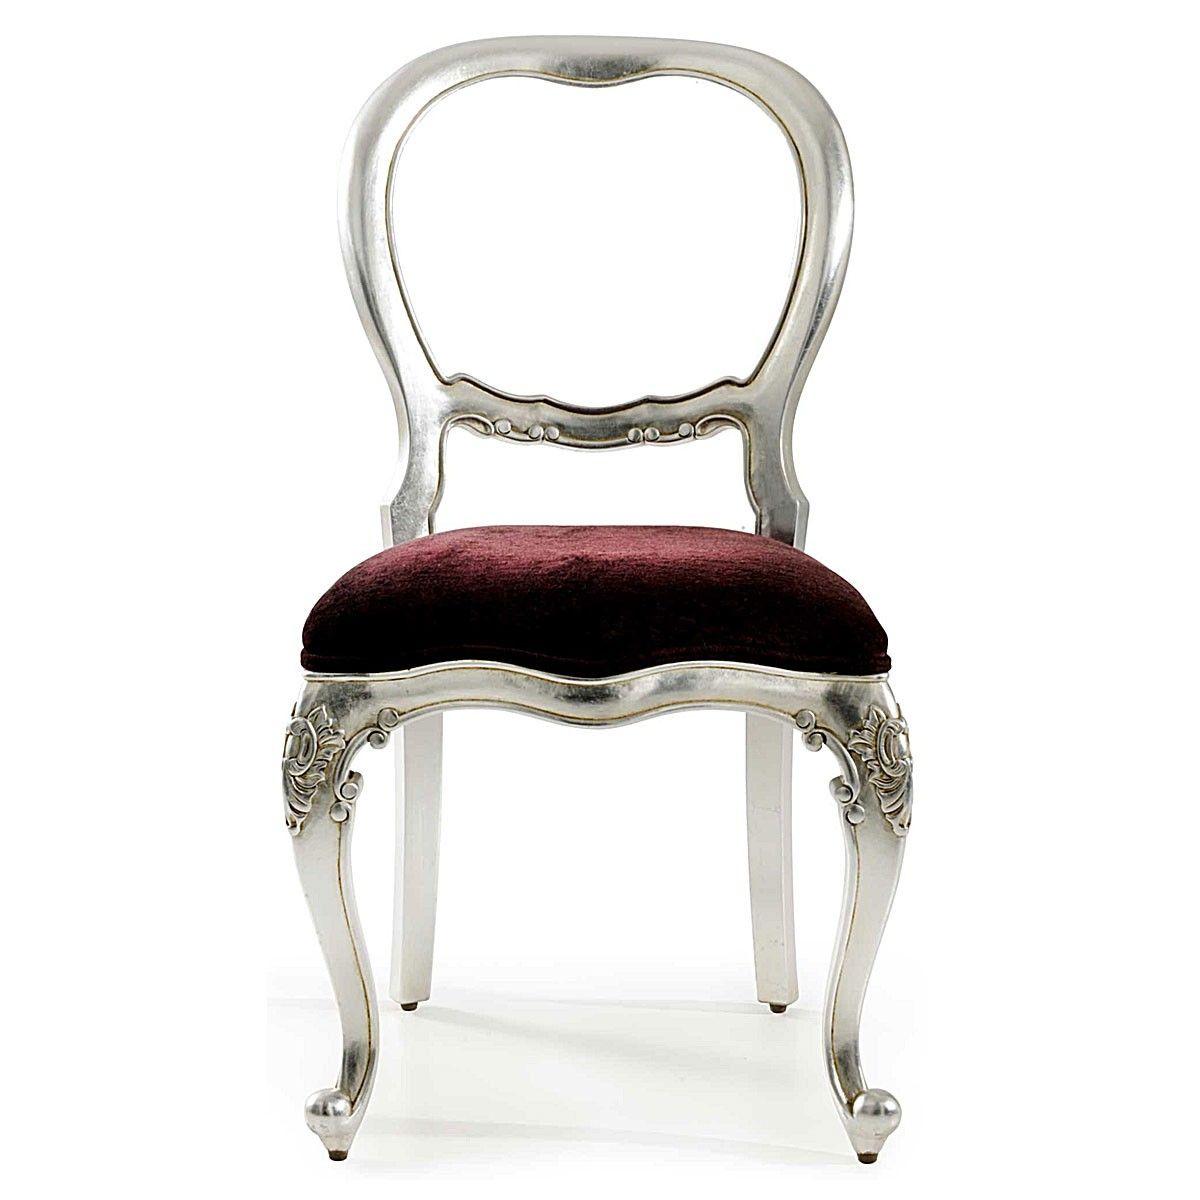 Velvet bedroom chairs uk | design ideas 2017-2018 | Pinterest